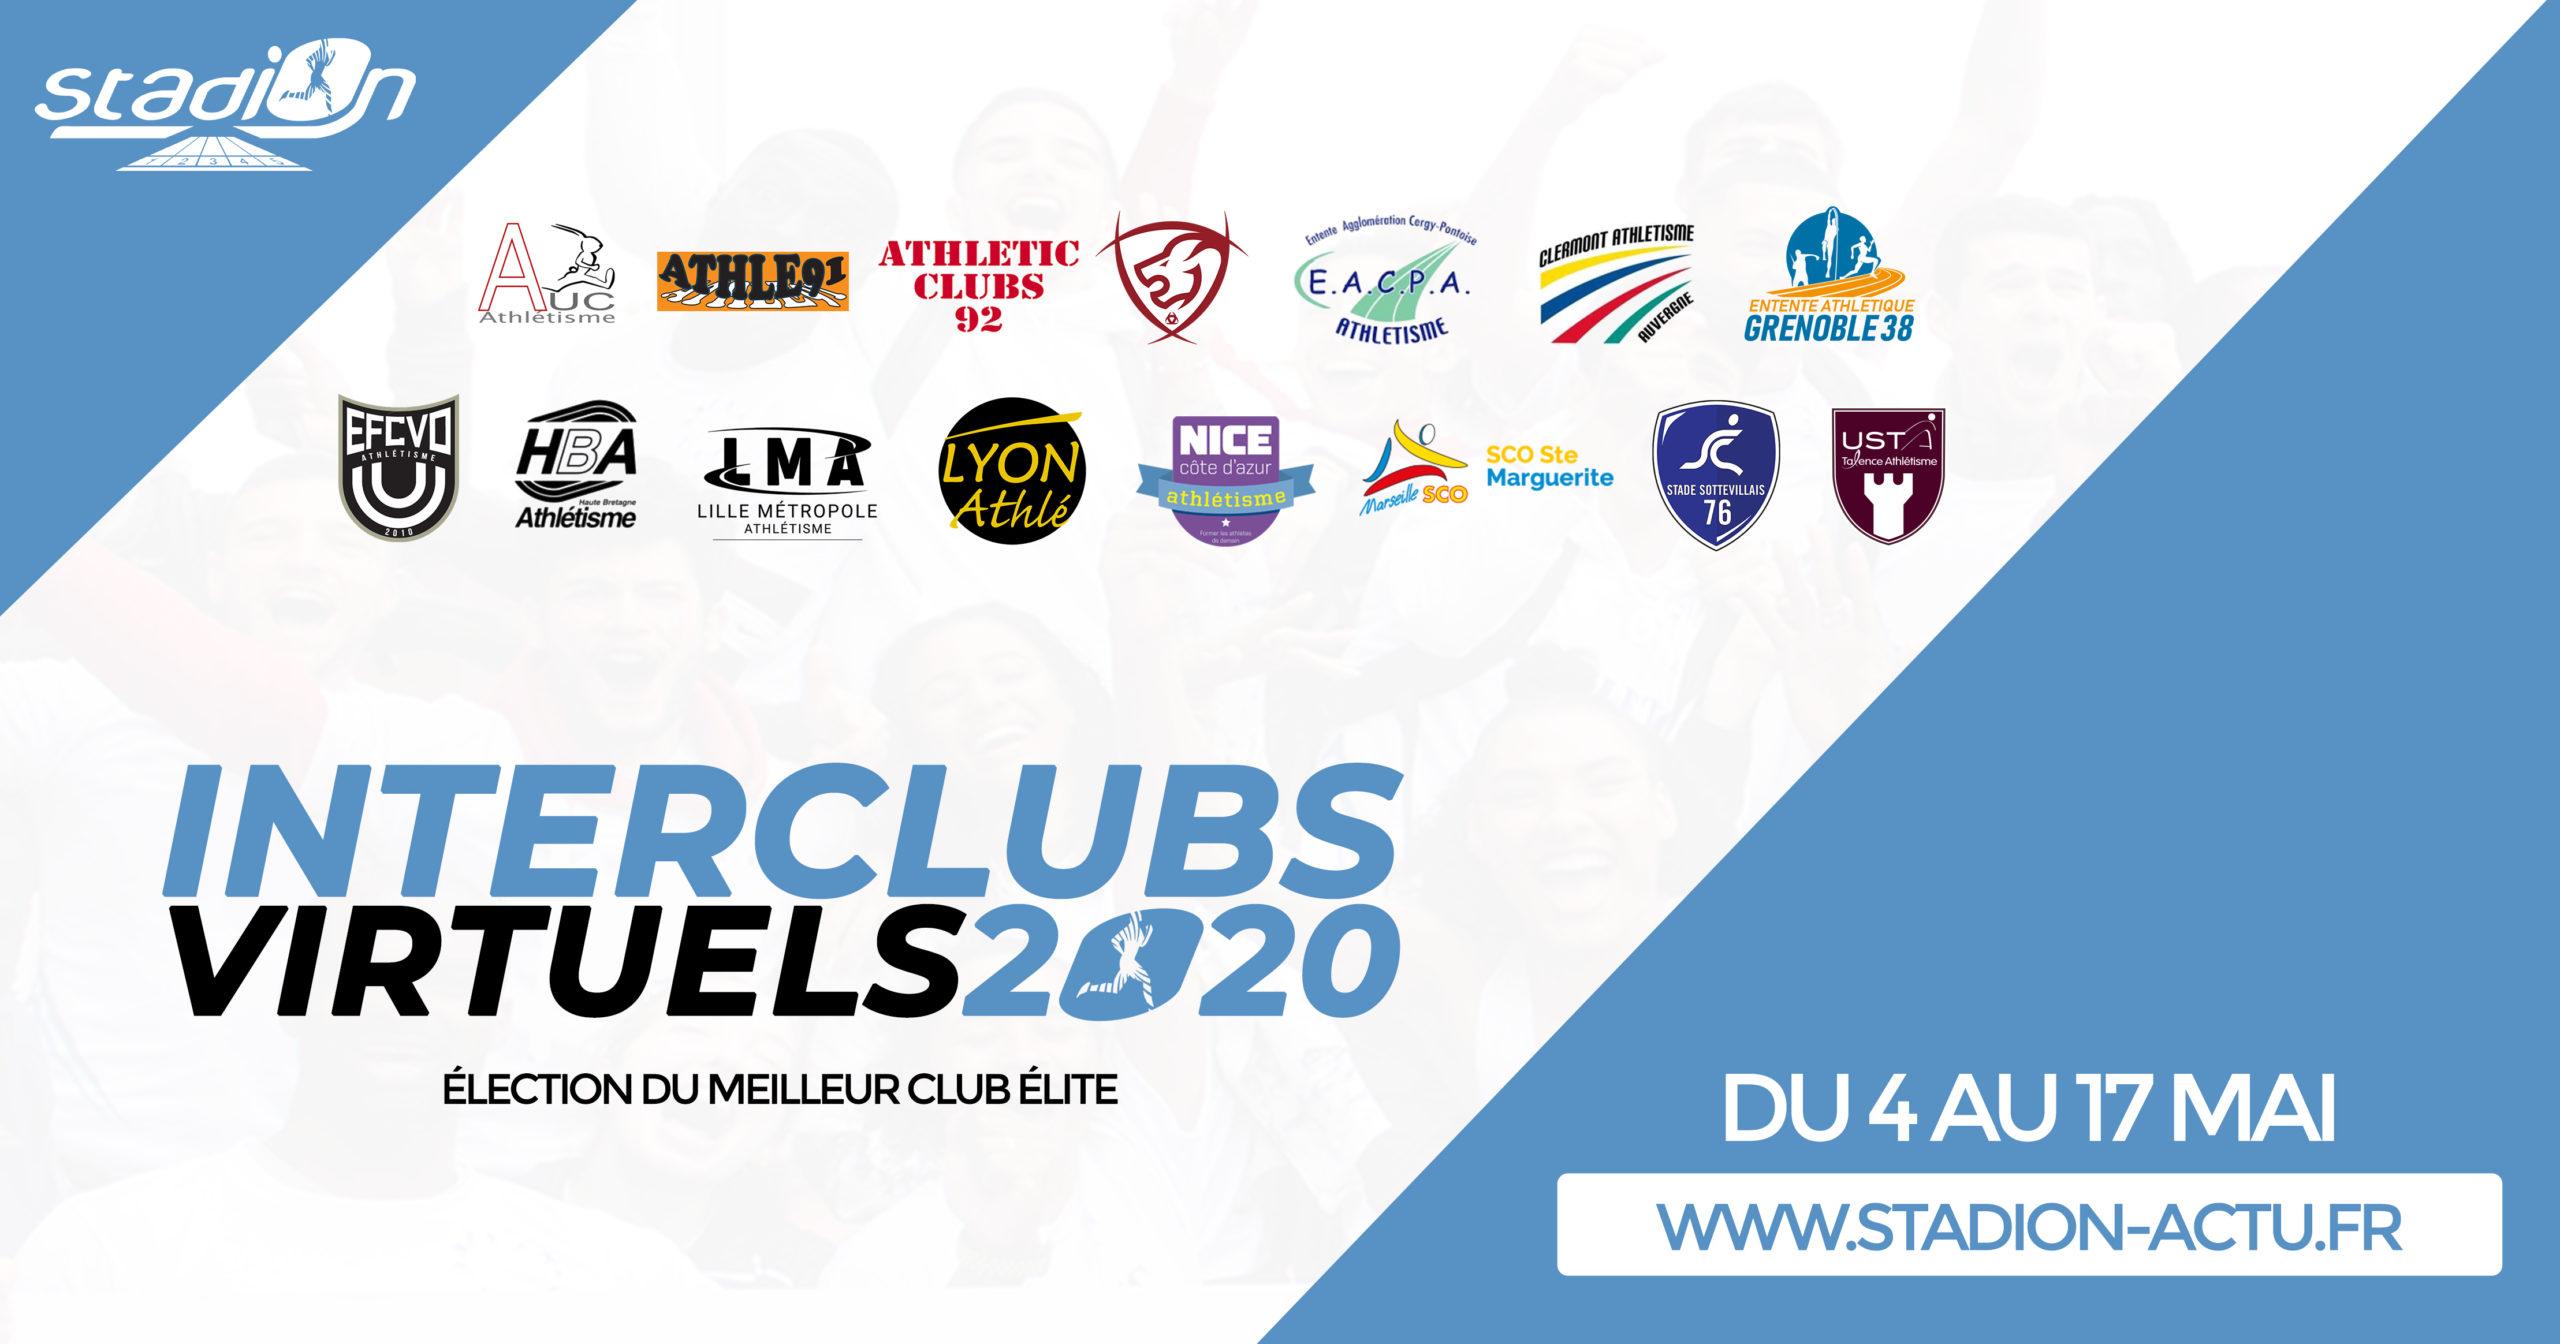 Stadion vous propose un jeu unique et ludique : les Interclubs virtuels, l'élection du meilleur club Elite par les internautes du 3 au 17 mai.